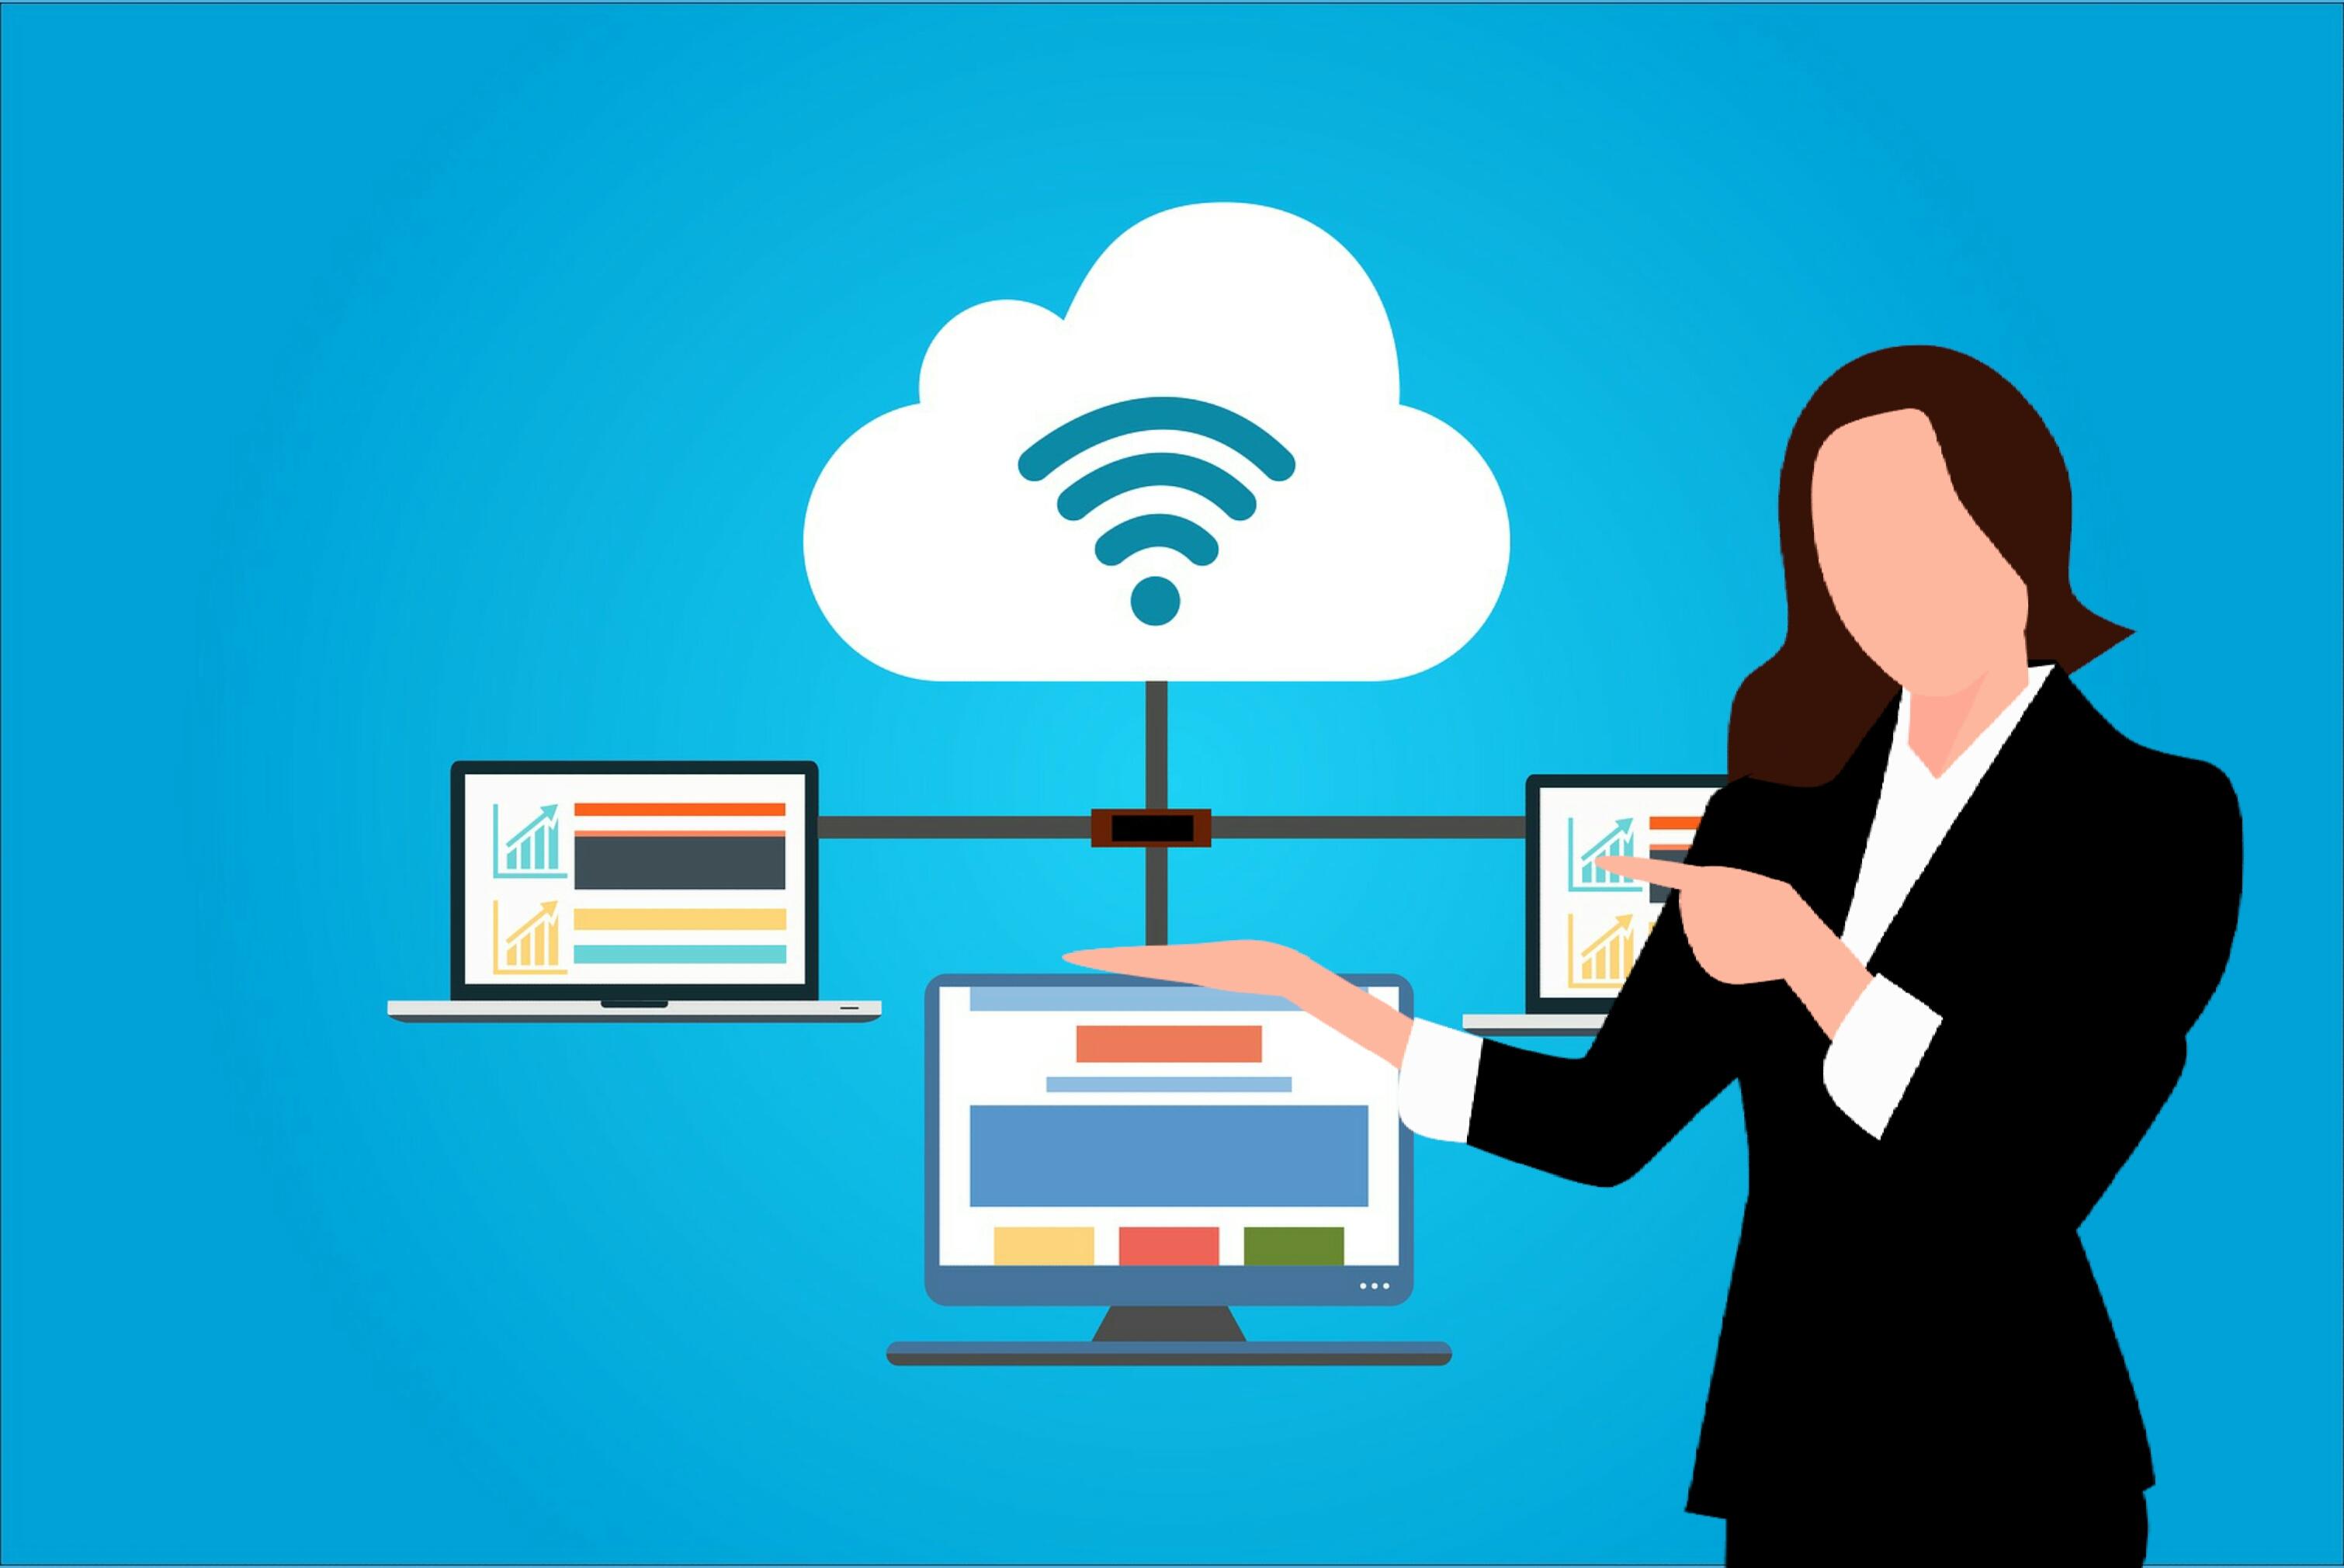 cloud engineer job explained